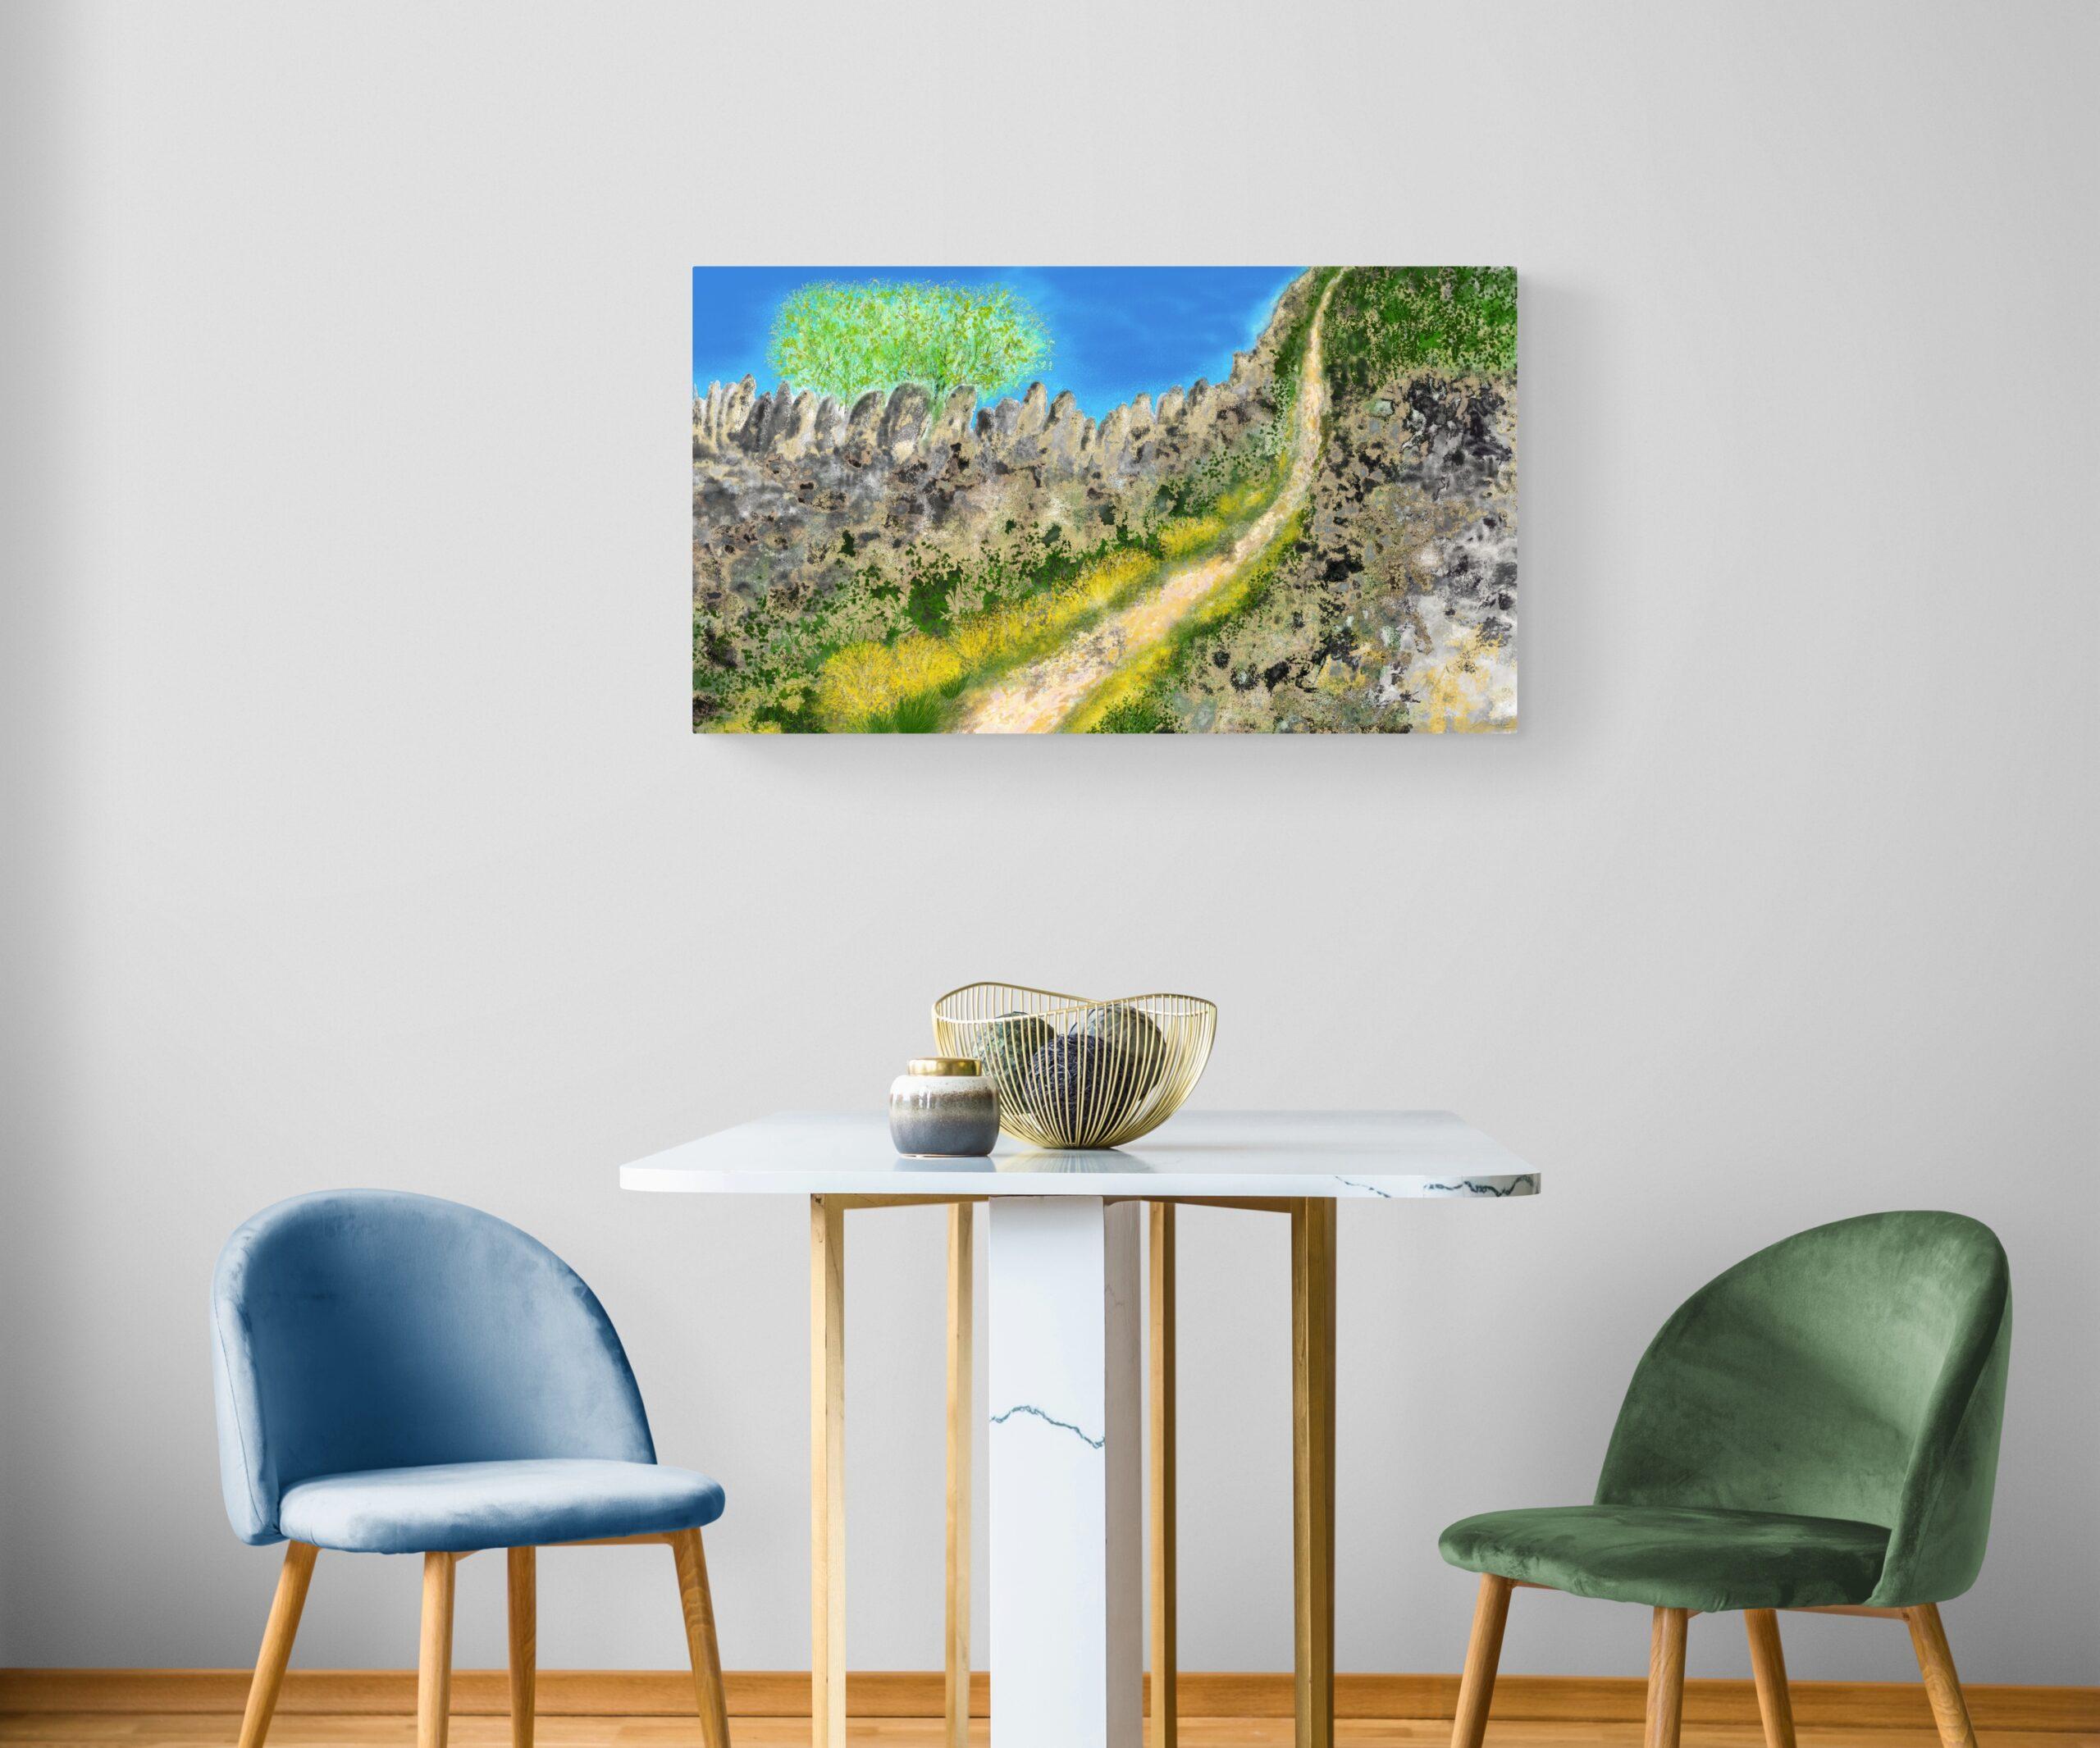 Le Chemin, une peinture révélant un sentier de montagne, est une edition d'art peinte par l'artiste Anne Turlais. Imprimé sur Dibond, il s'agit d'une édition limité à 300 exemplaires.